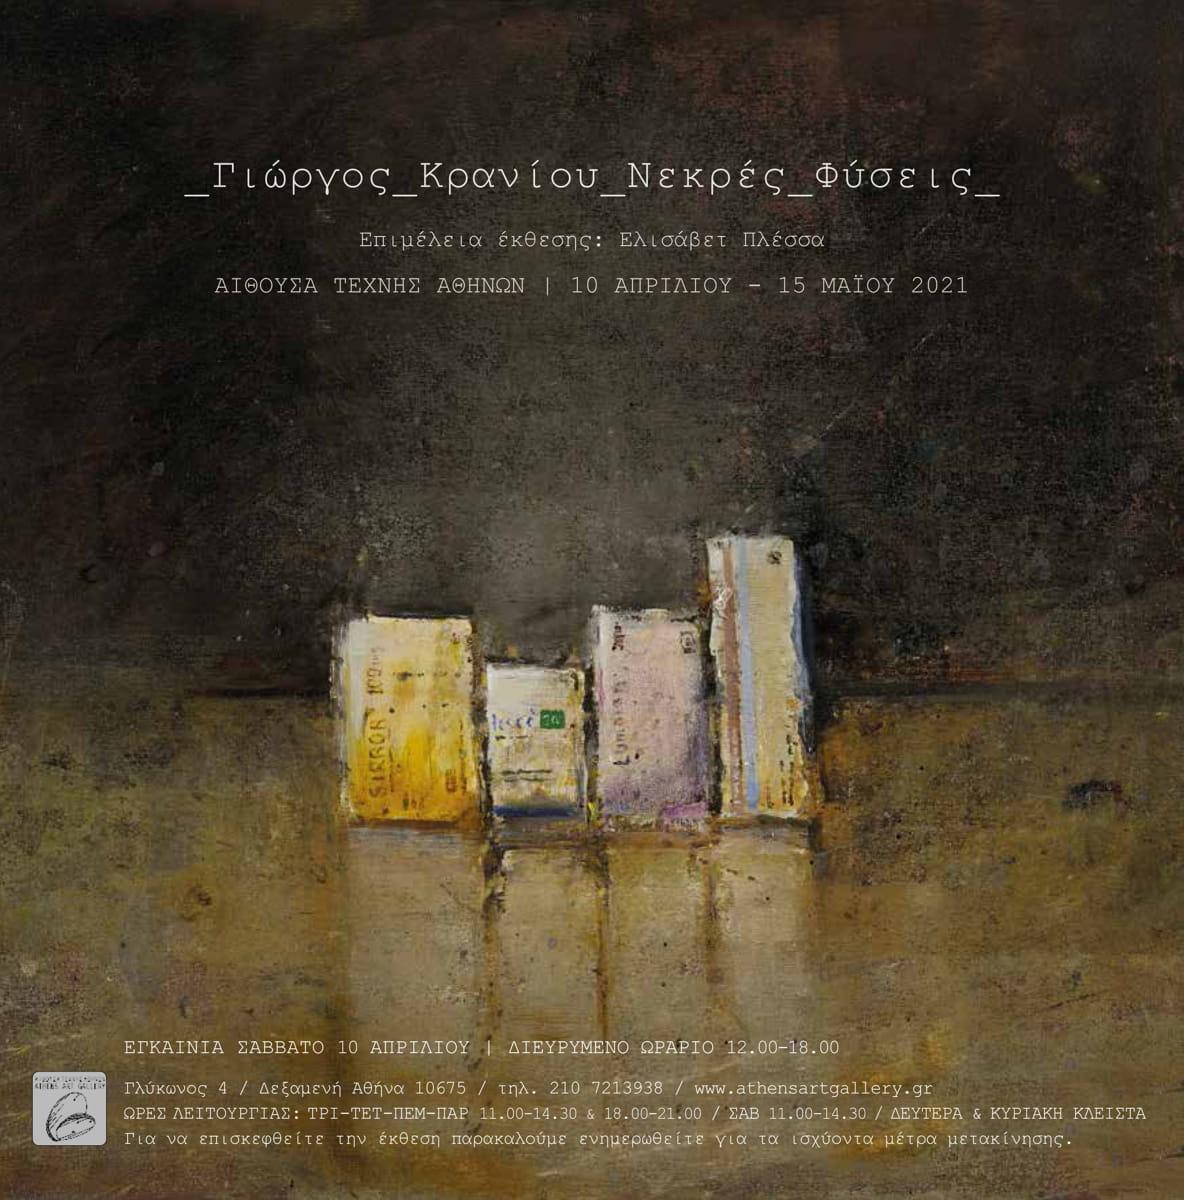 Έκθεση ζωγραφικής «Νεκρές φύσεις» του Γιώργου Κρανίου στην Αίθουσα Τέχνης Αθηνών